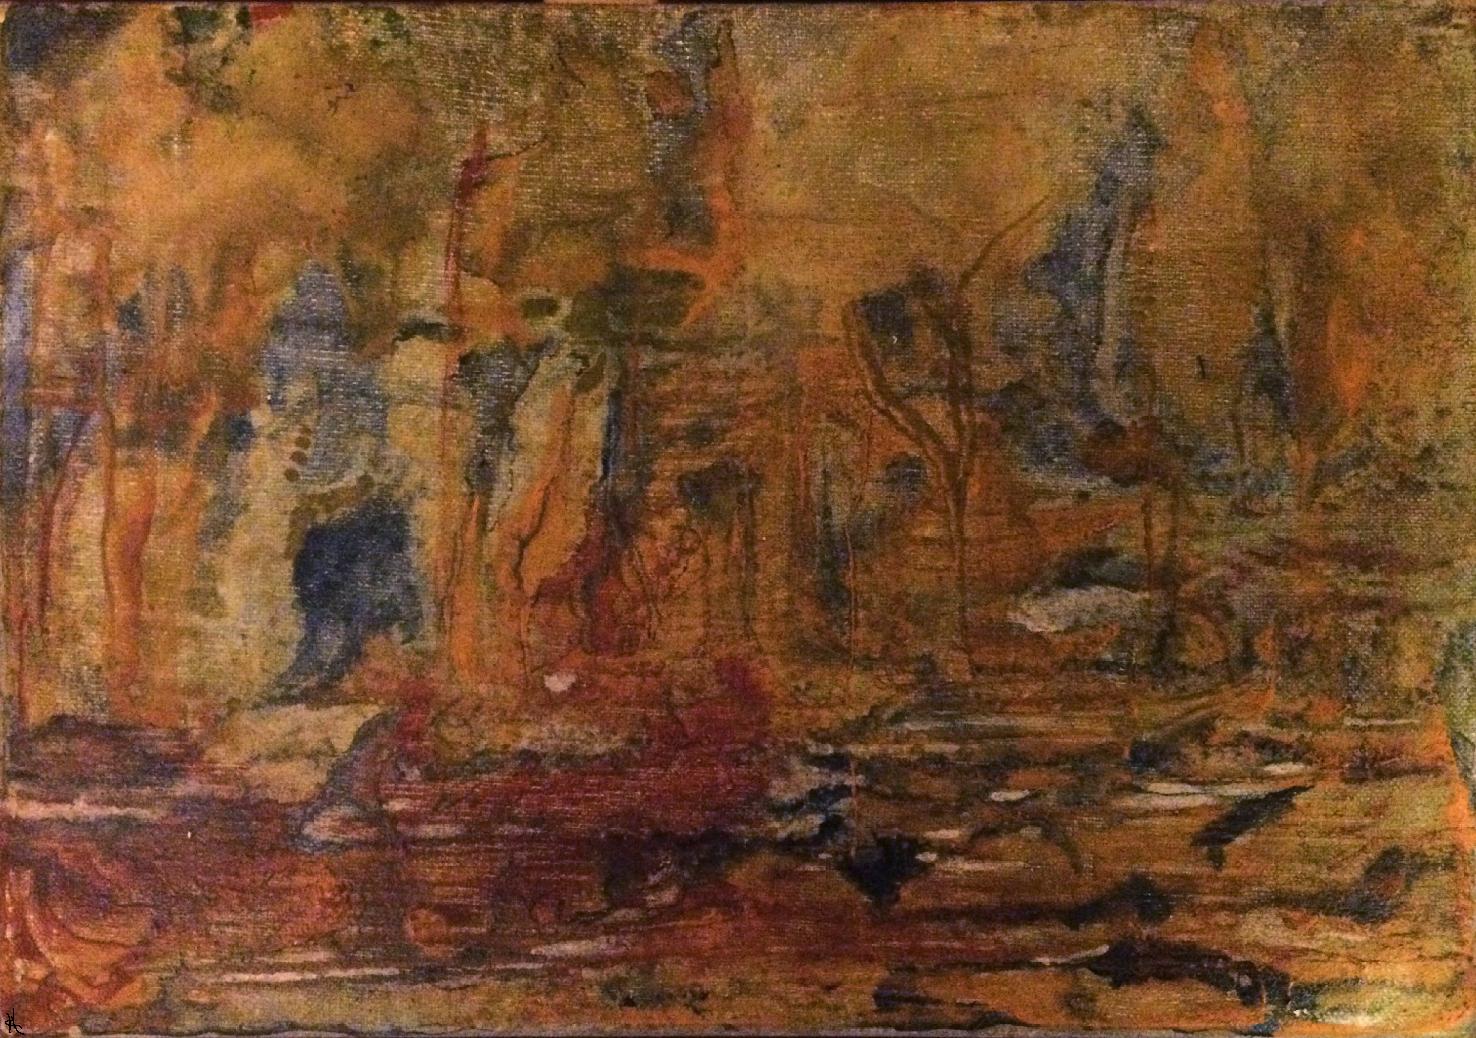 La caverne du bois